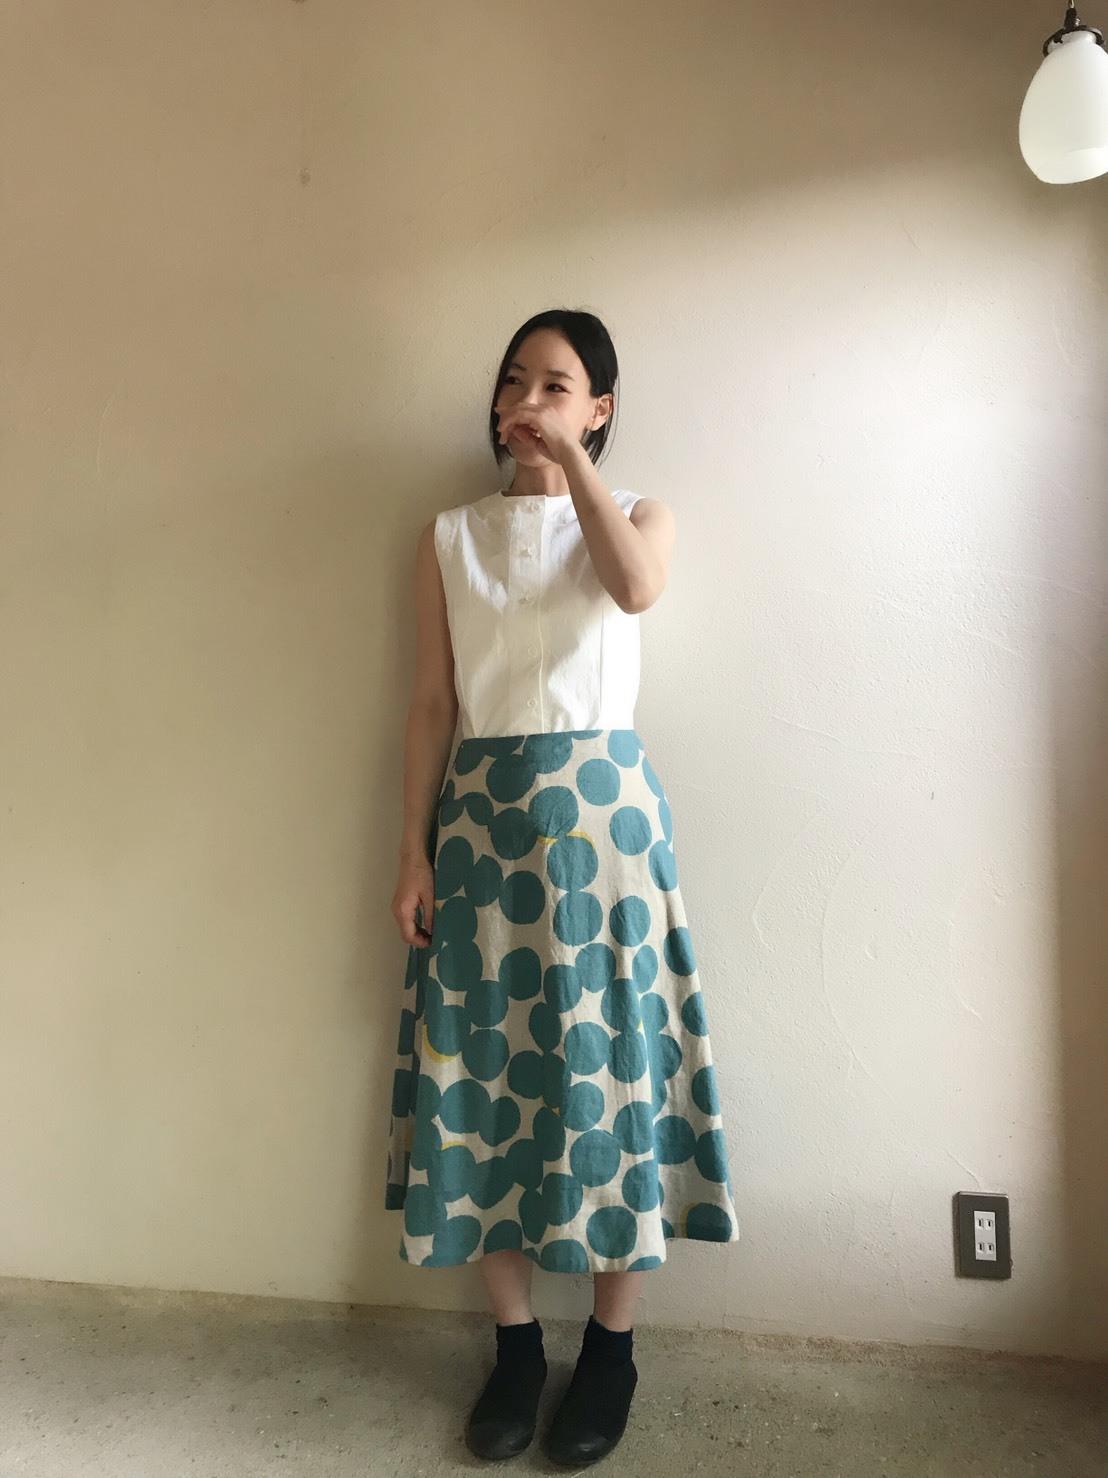 三橋妙子さんの展示会始まっています。_c0256701_21075009.jpg